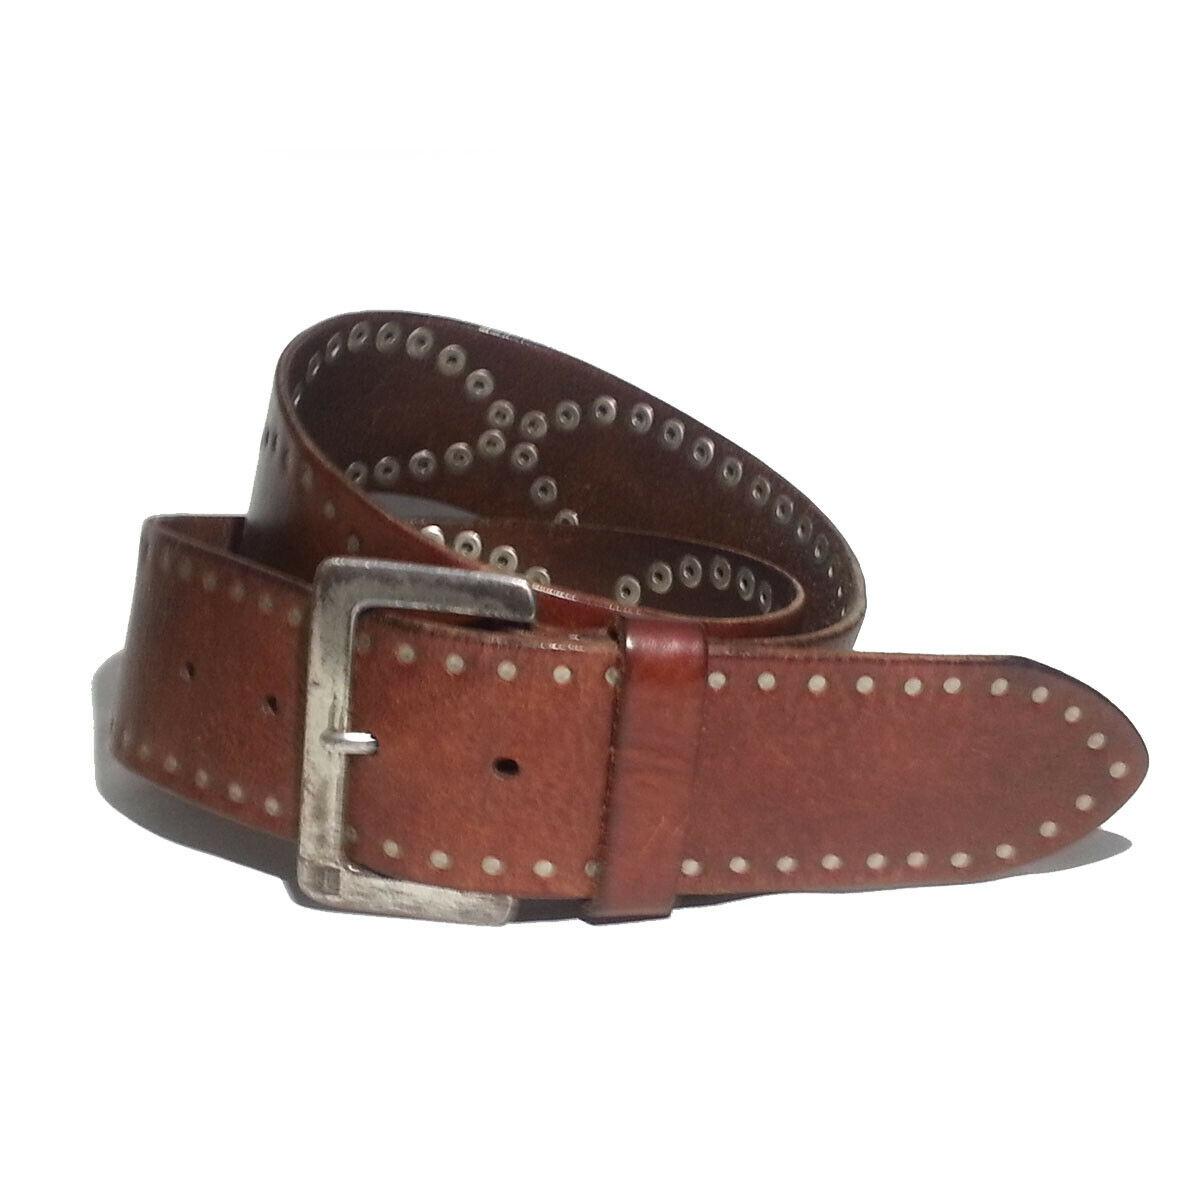 Sale $24.86 https://ebay.to/2R2SvbV Lauren Ralph Lauren #women #leather #belt Size M (pic.twitter.com/0QGcGugeqE